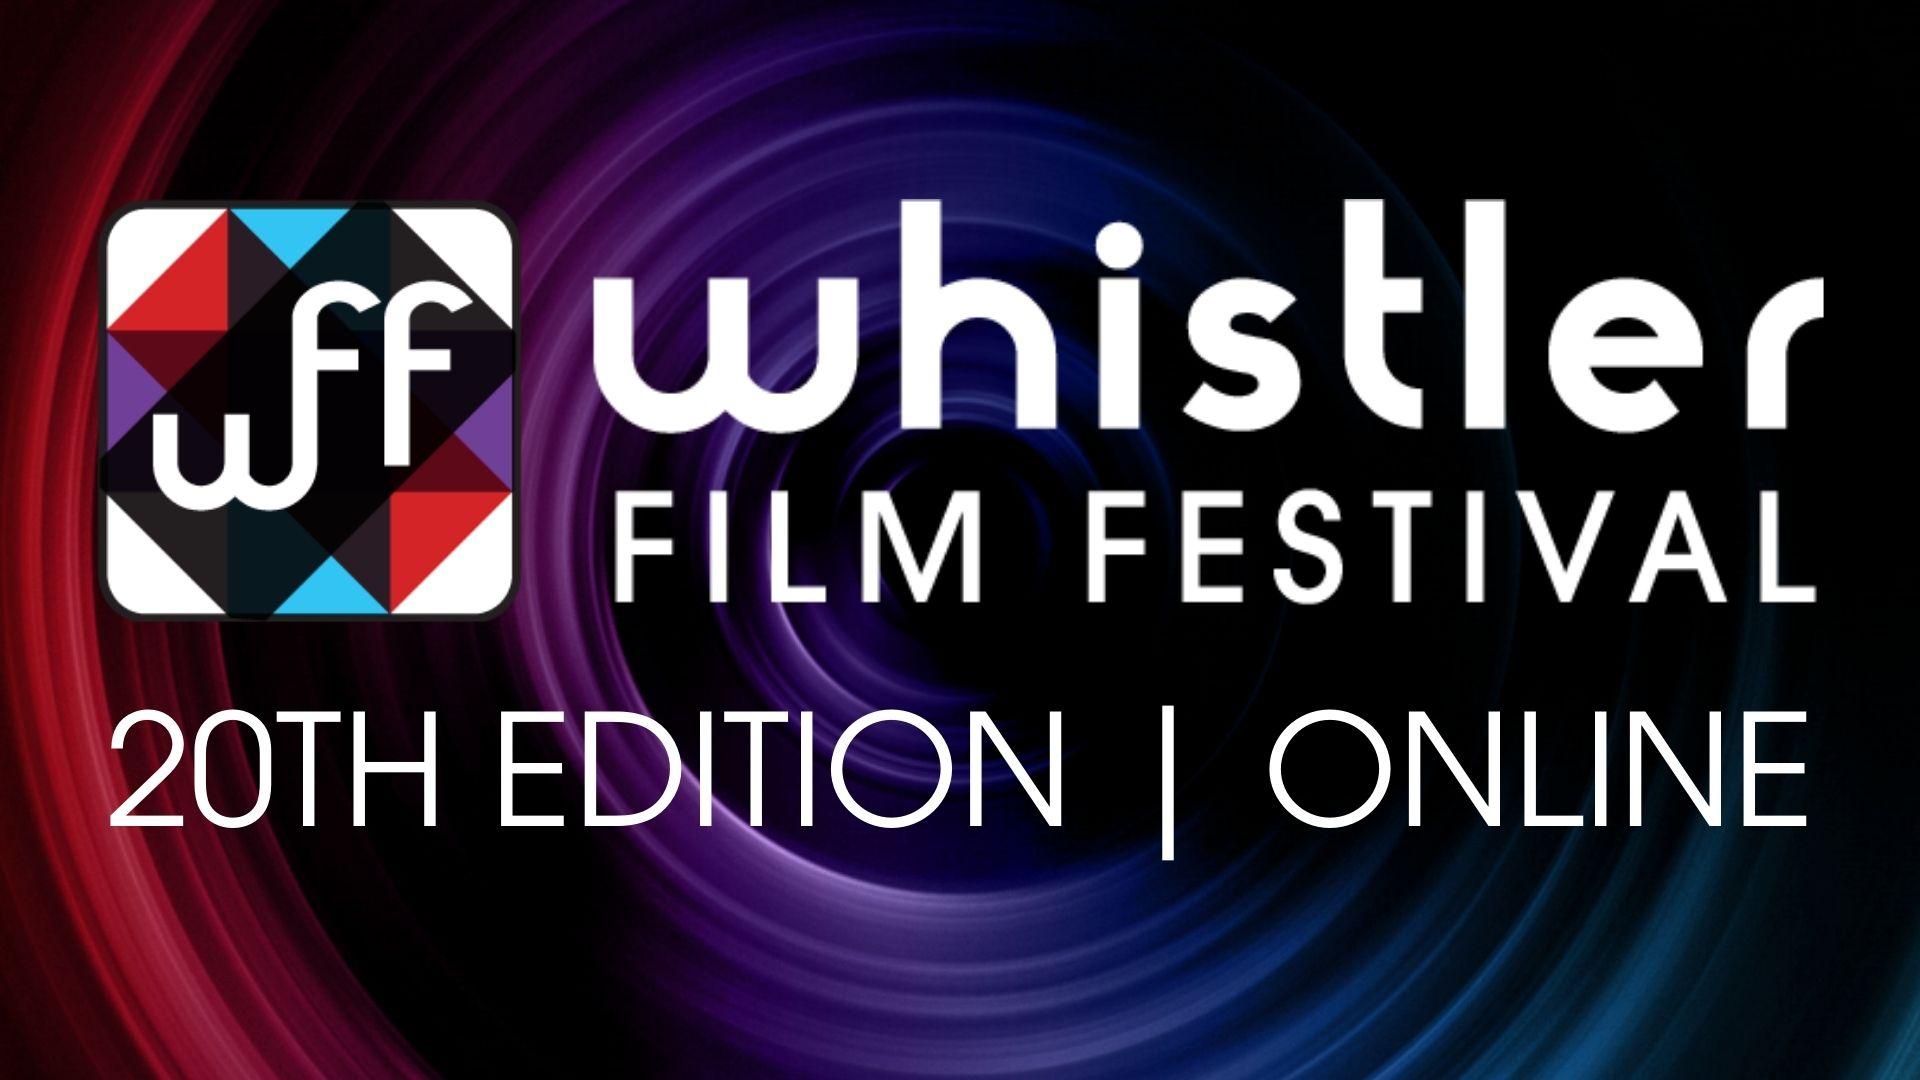 Whistler Film Festival 2020